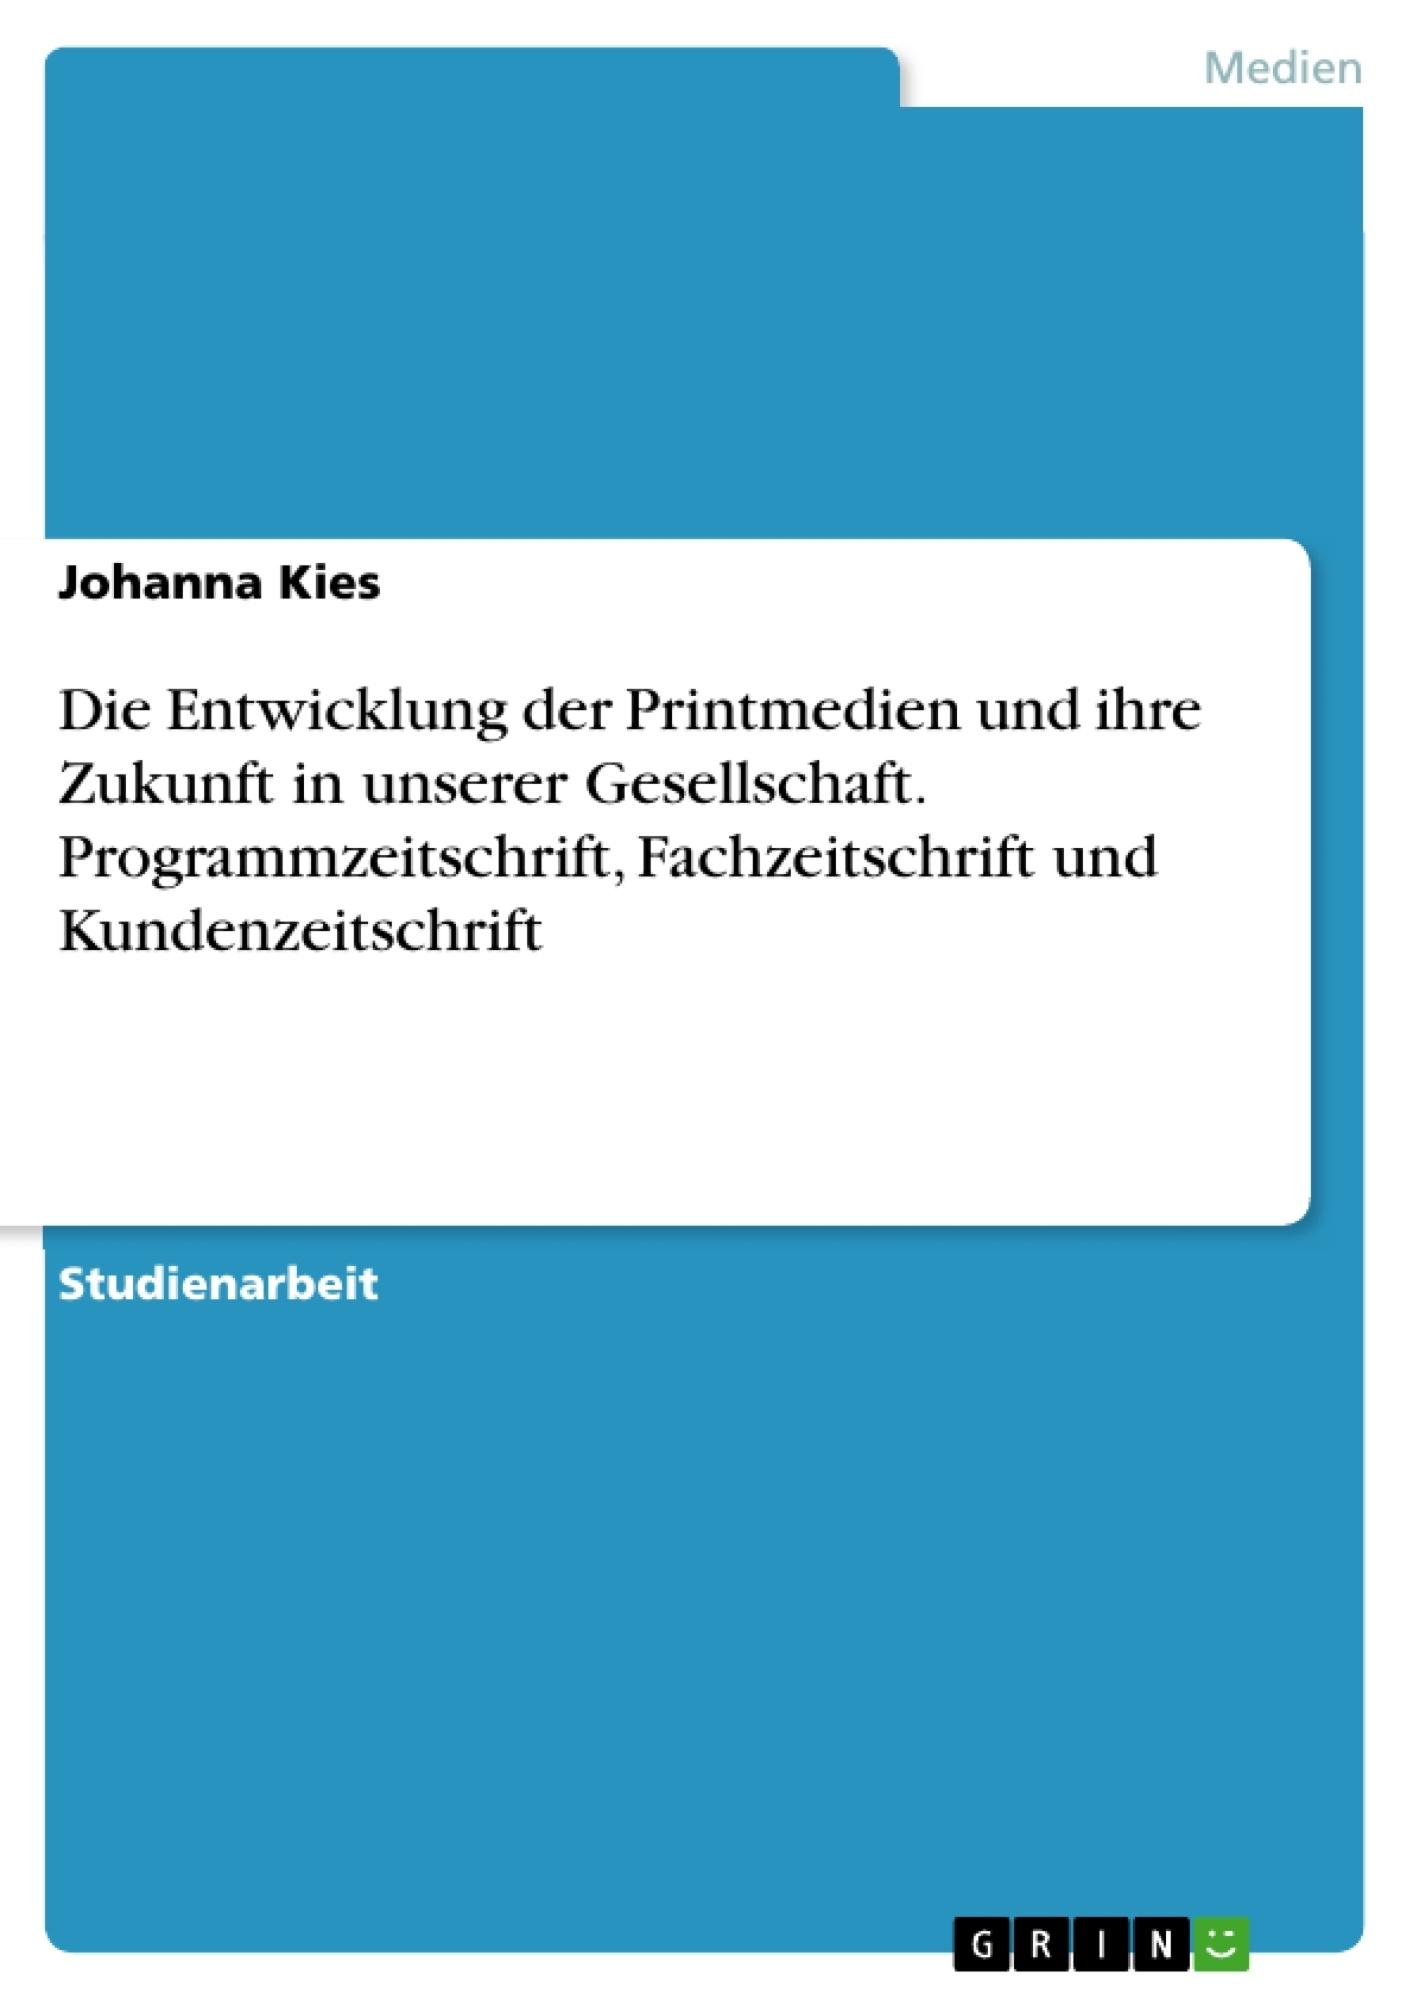 Titel: Die Entwicklung der Printmedien und ihre Zukunft in unserer Gesellschaft.  Programmzeitschrift, Fachzeitschrift und Kundenzeitschrift